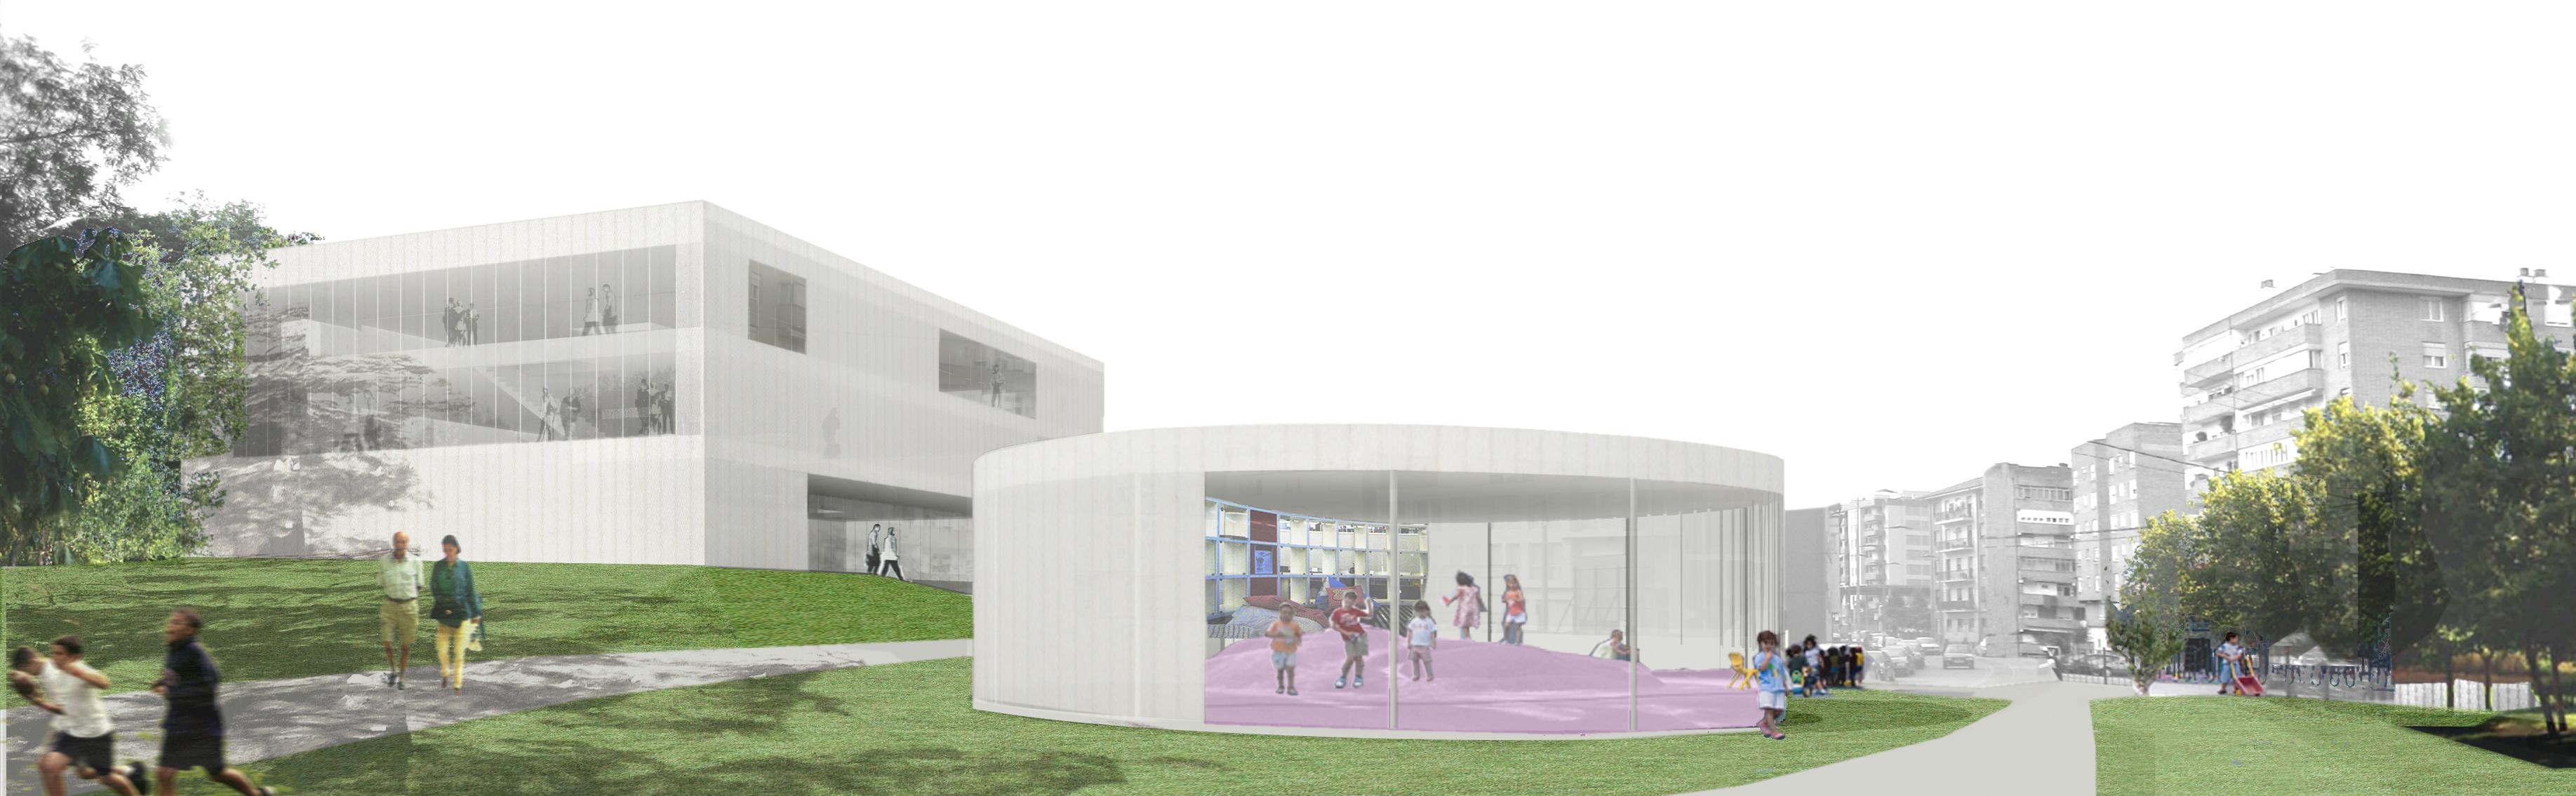 Centros educativos a6 ingenier a for Edificios educativos arquitectura